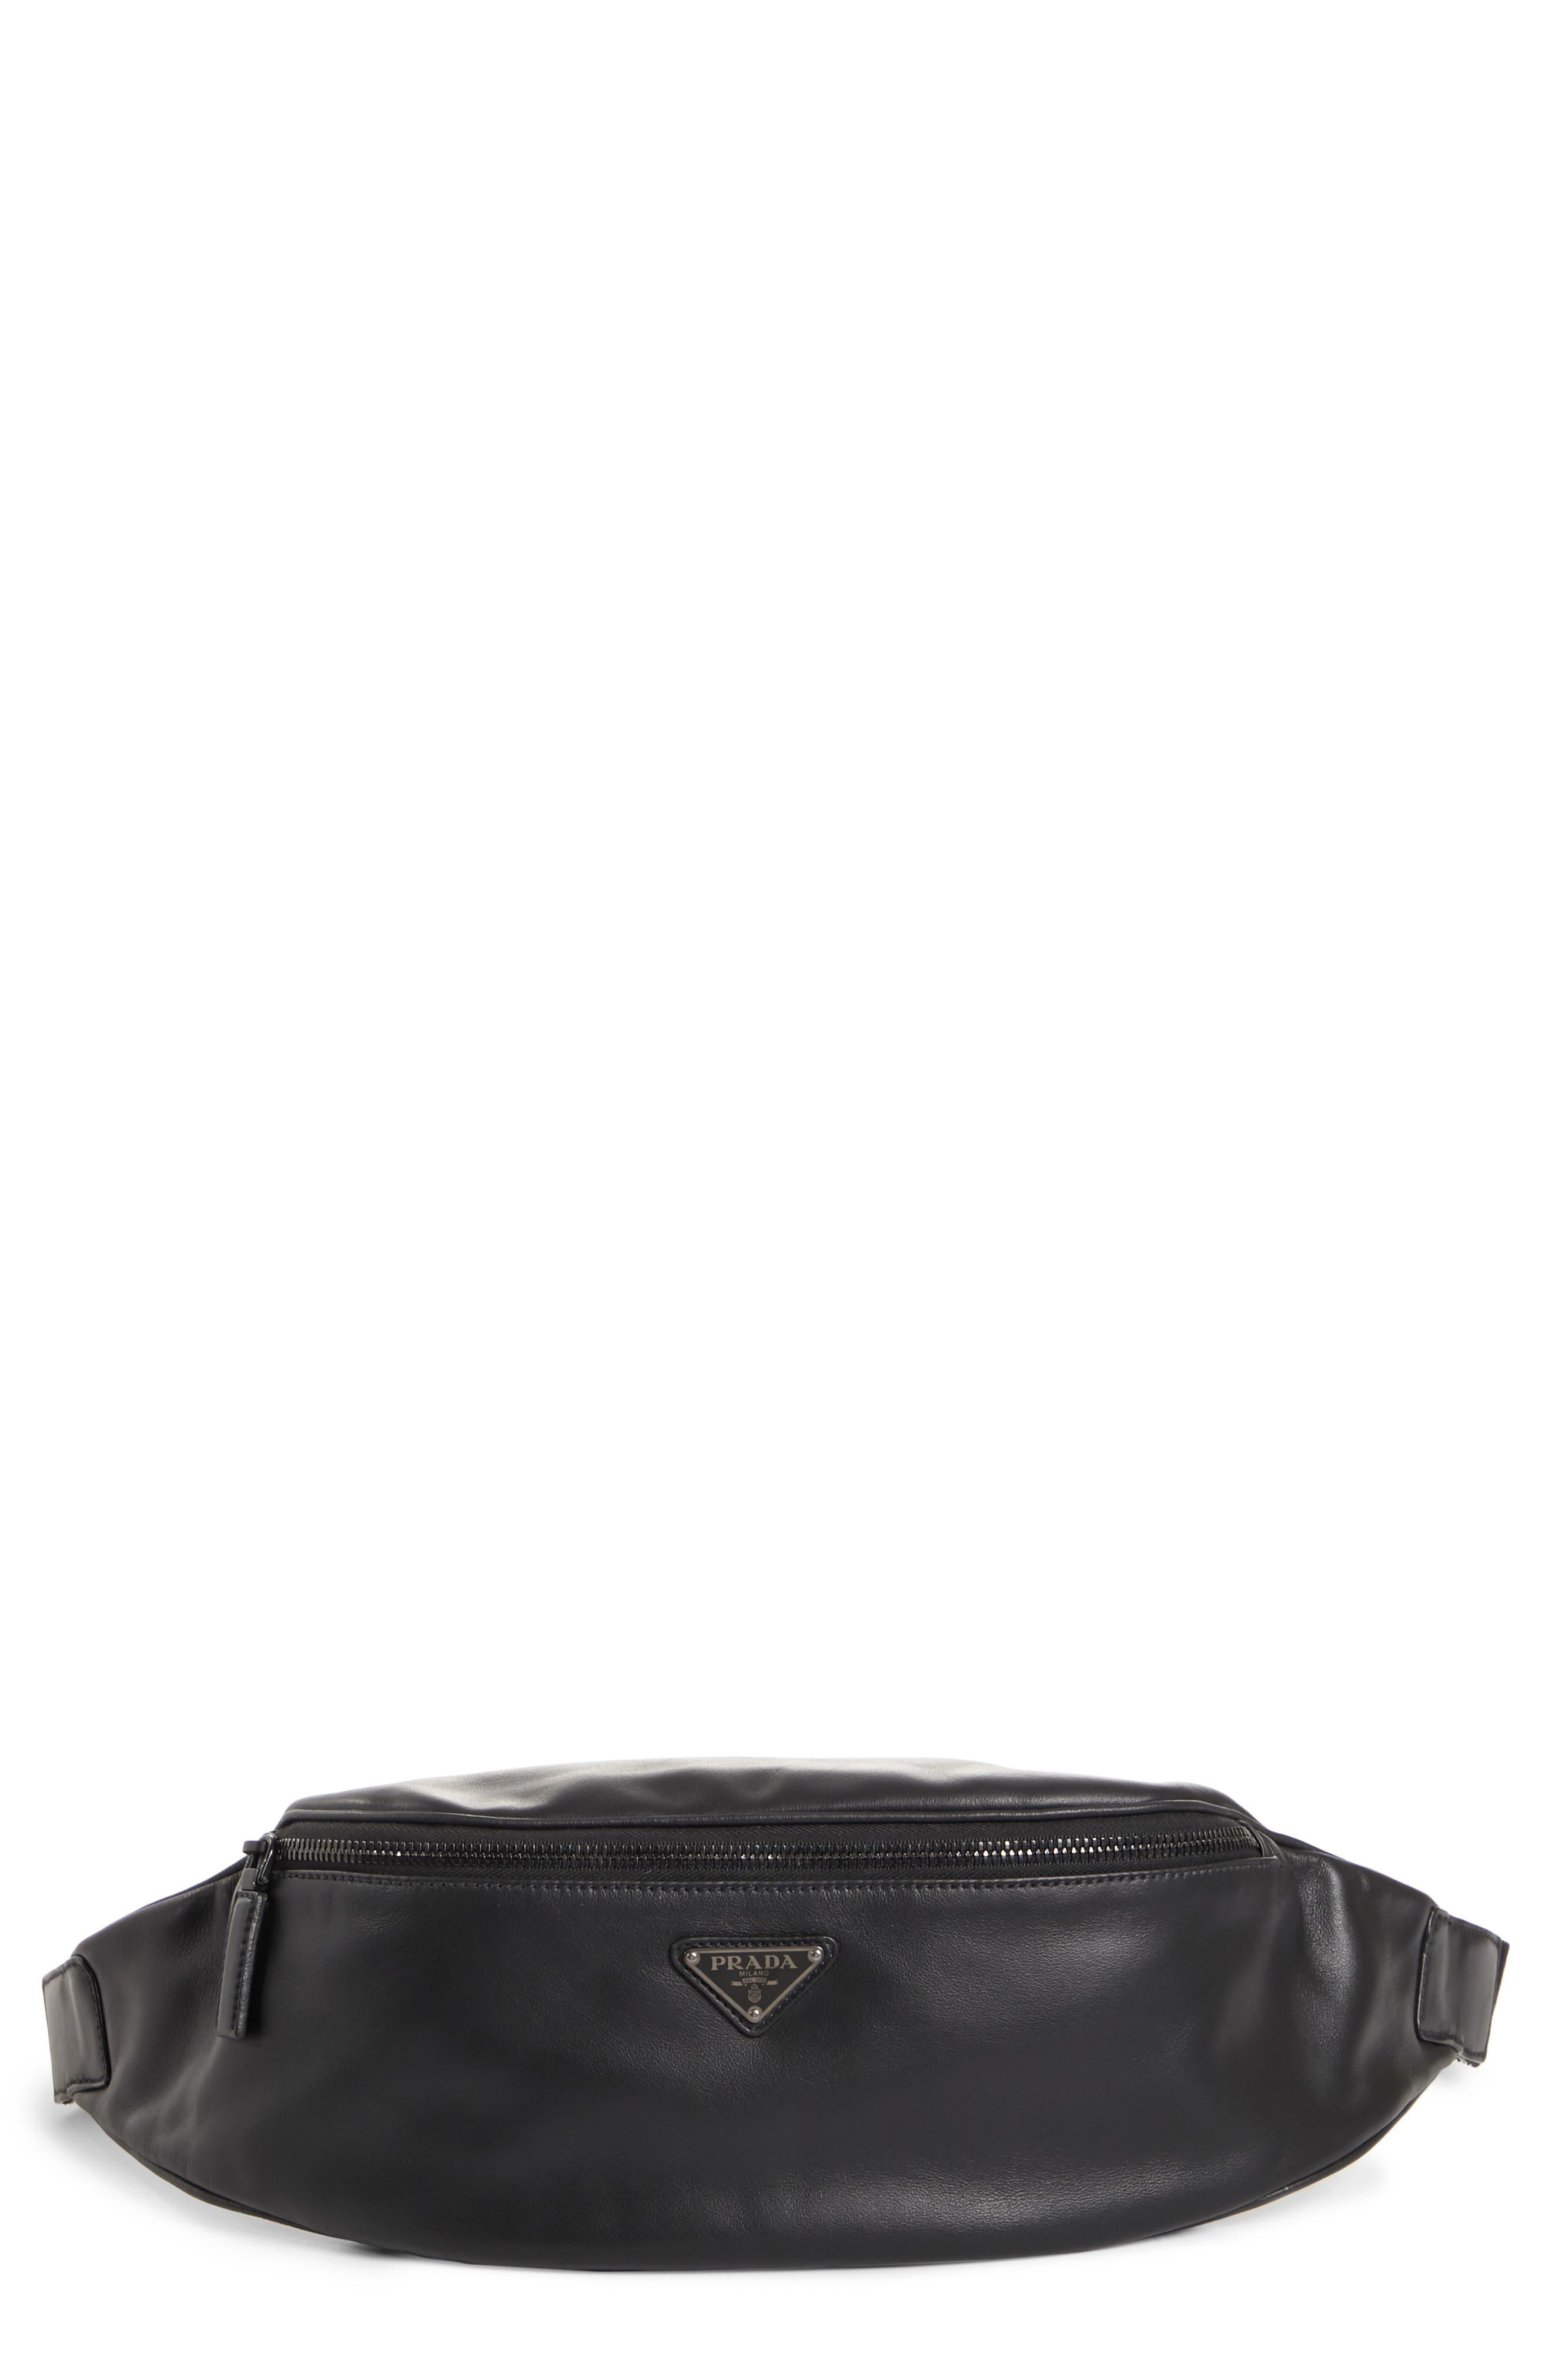 Grace Lux Waist Pack,                         Main,                         color, NERO